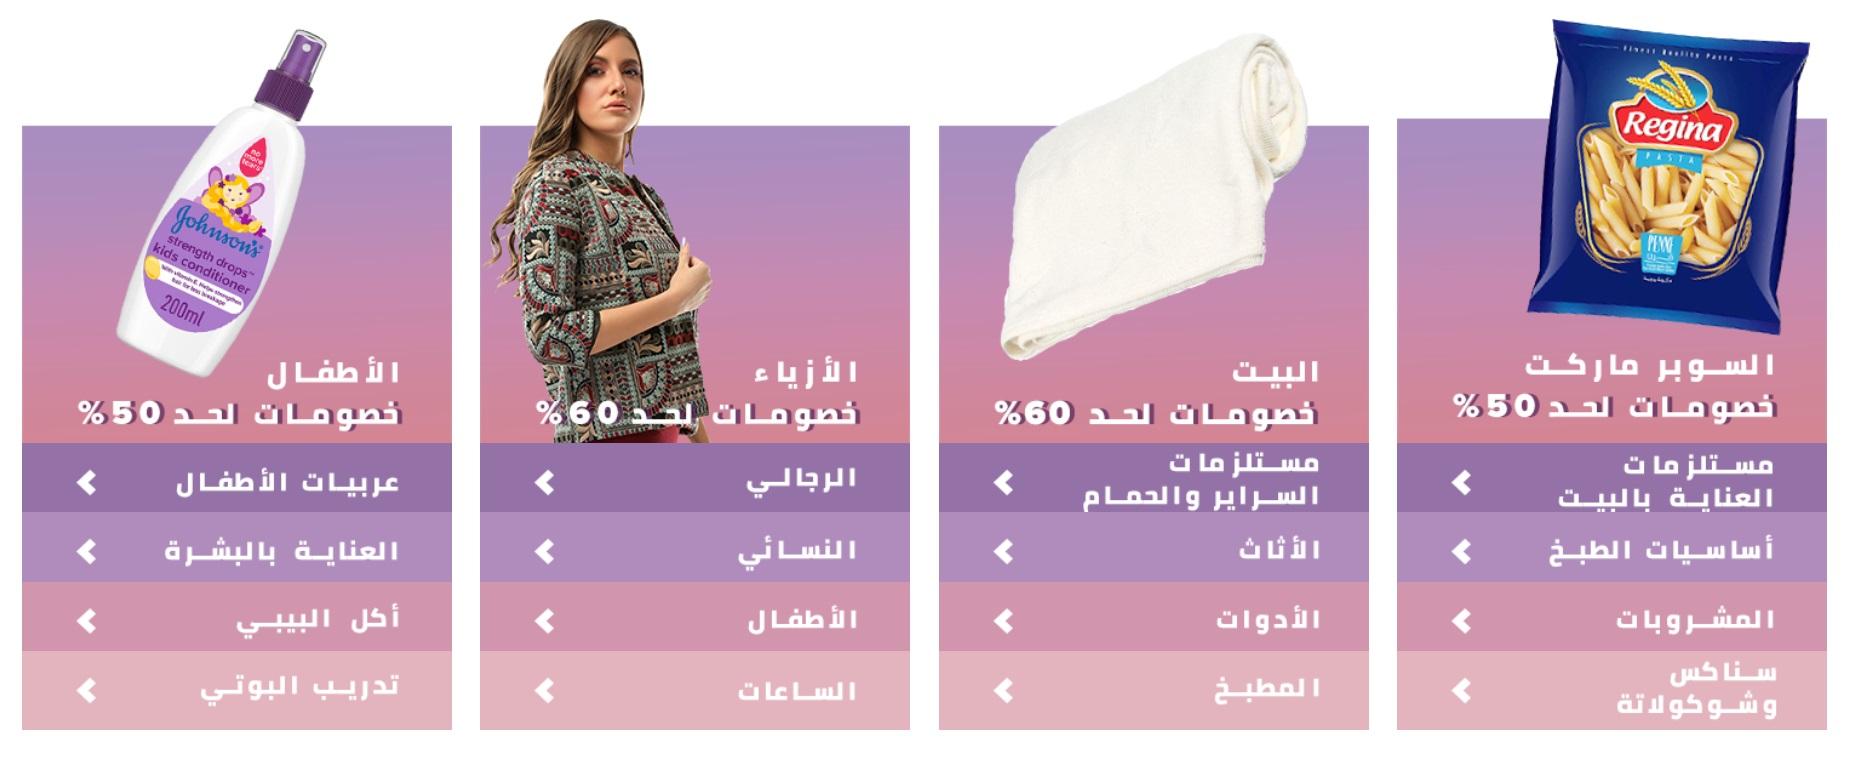 قوائم منتجات نون مصر